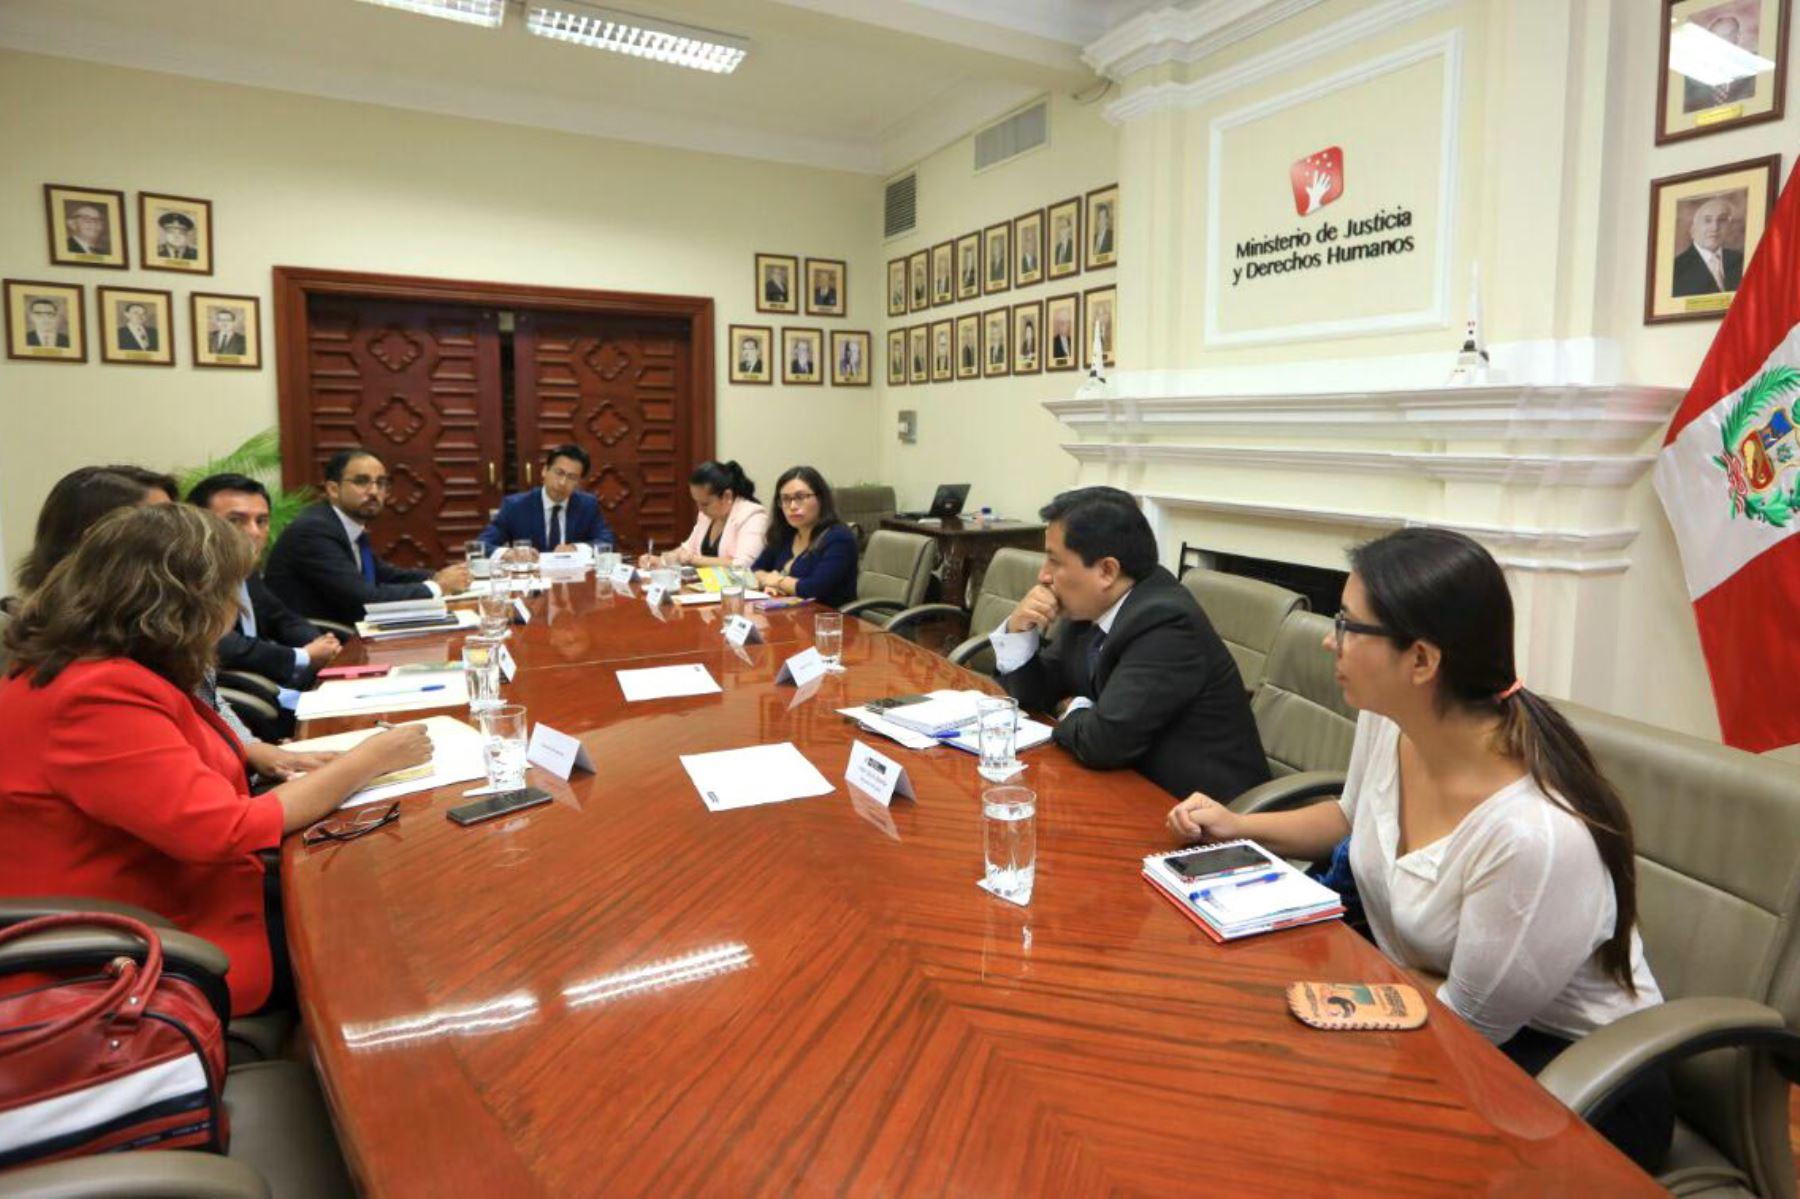 El Ministerio de Justicia organizó mesa de trabajo donde se evaluaron acciones en favor de los Awajún y Wampis. Foto: ANDINA